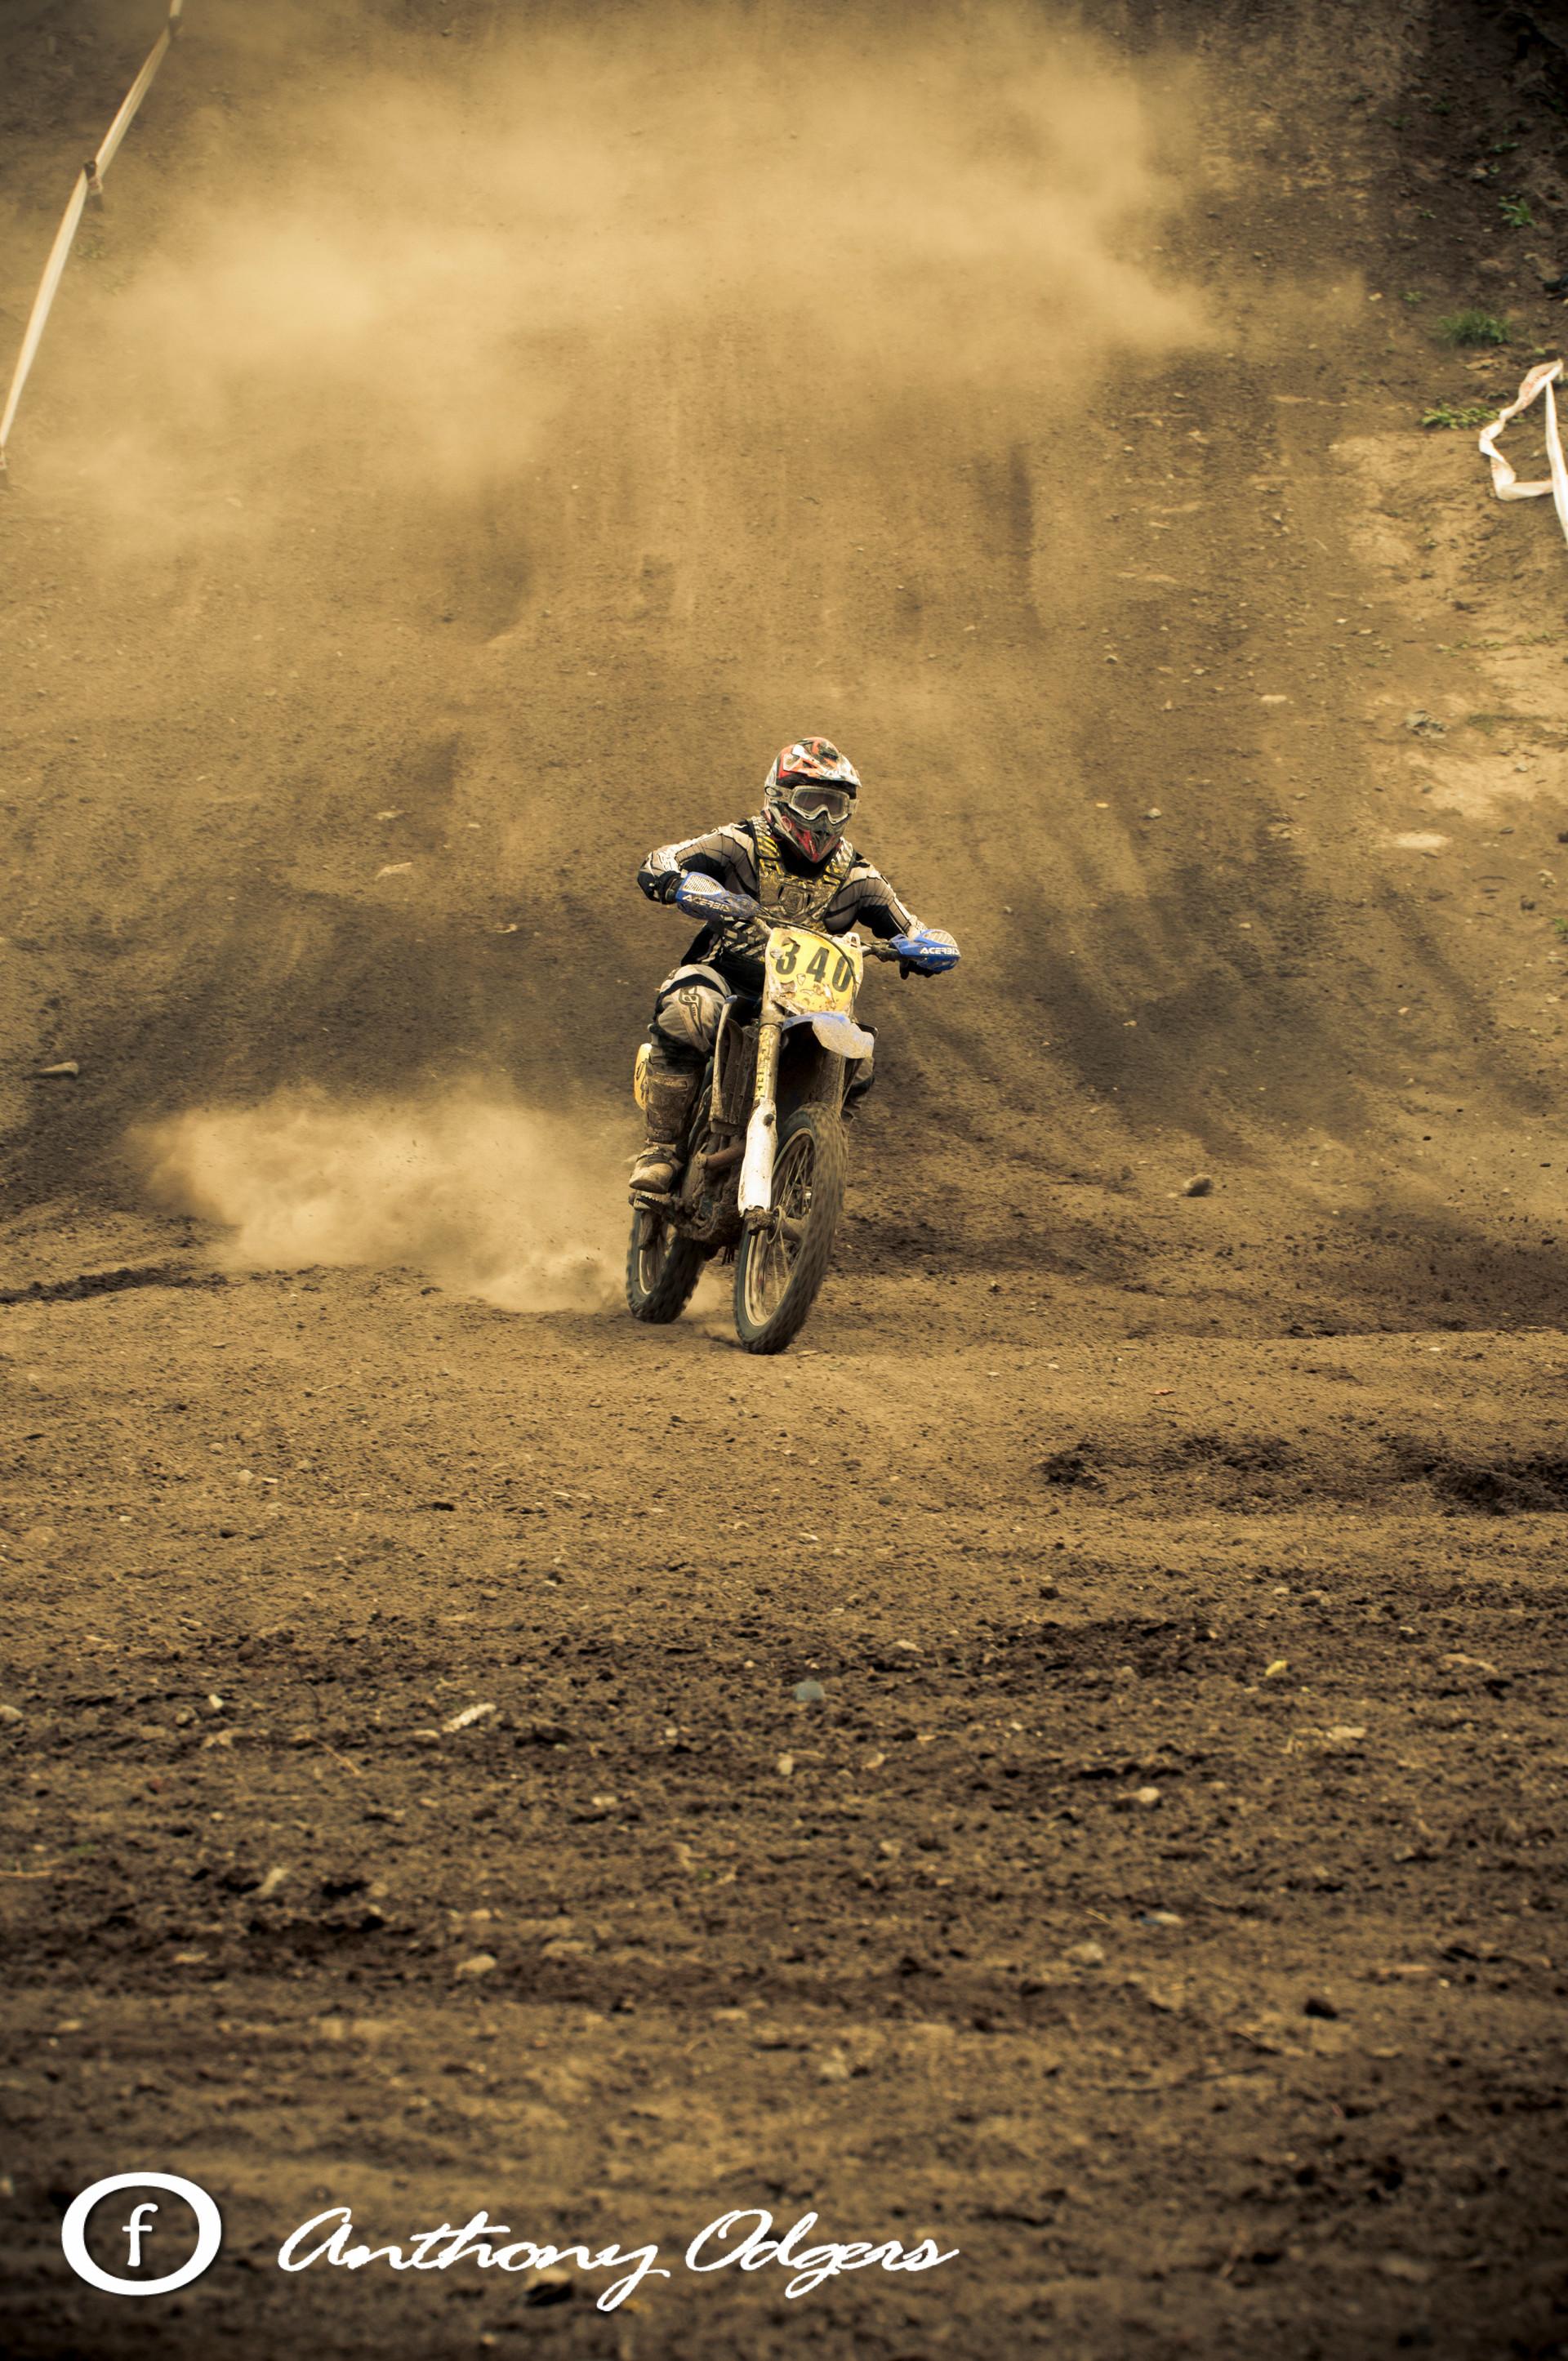 2013-01-06-Motocross Enduro-3.jpg